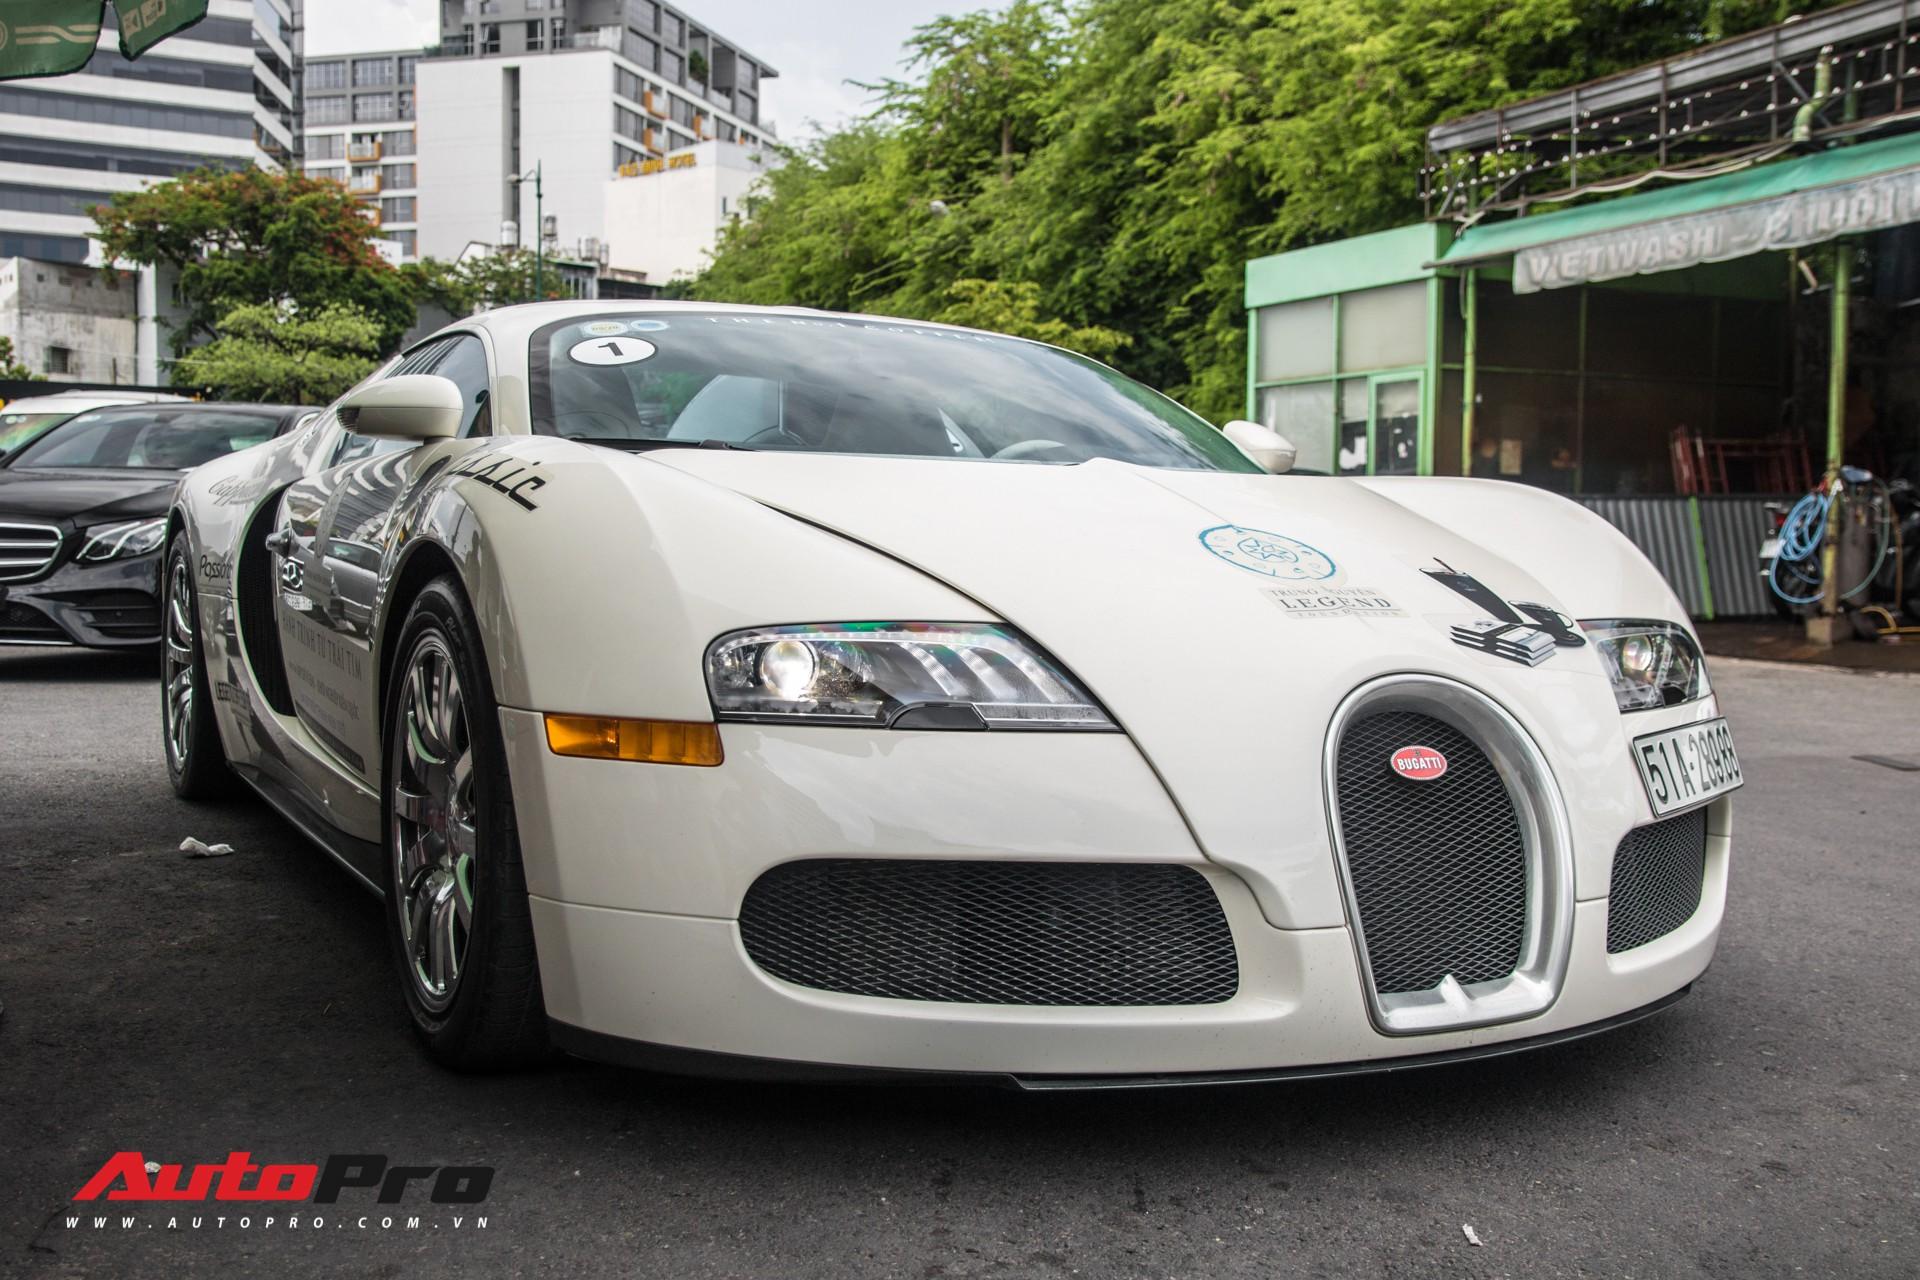 Tóm gọn Bugatti Veyron 16.4 của ông Đặng Lê Nguyên Vũ đi đăng kiểm - 9